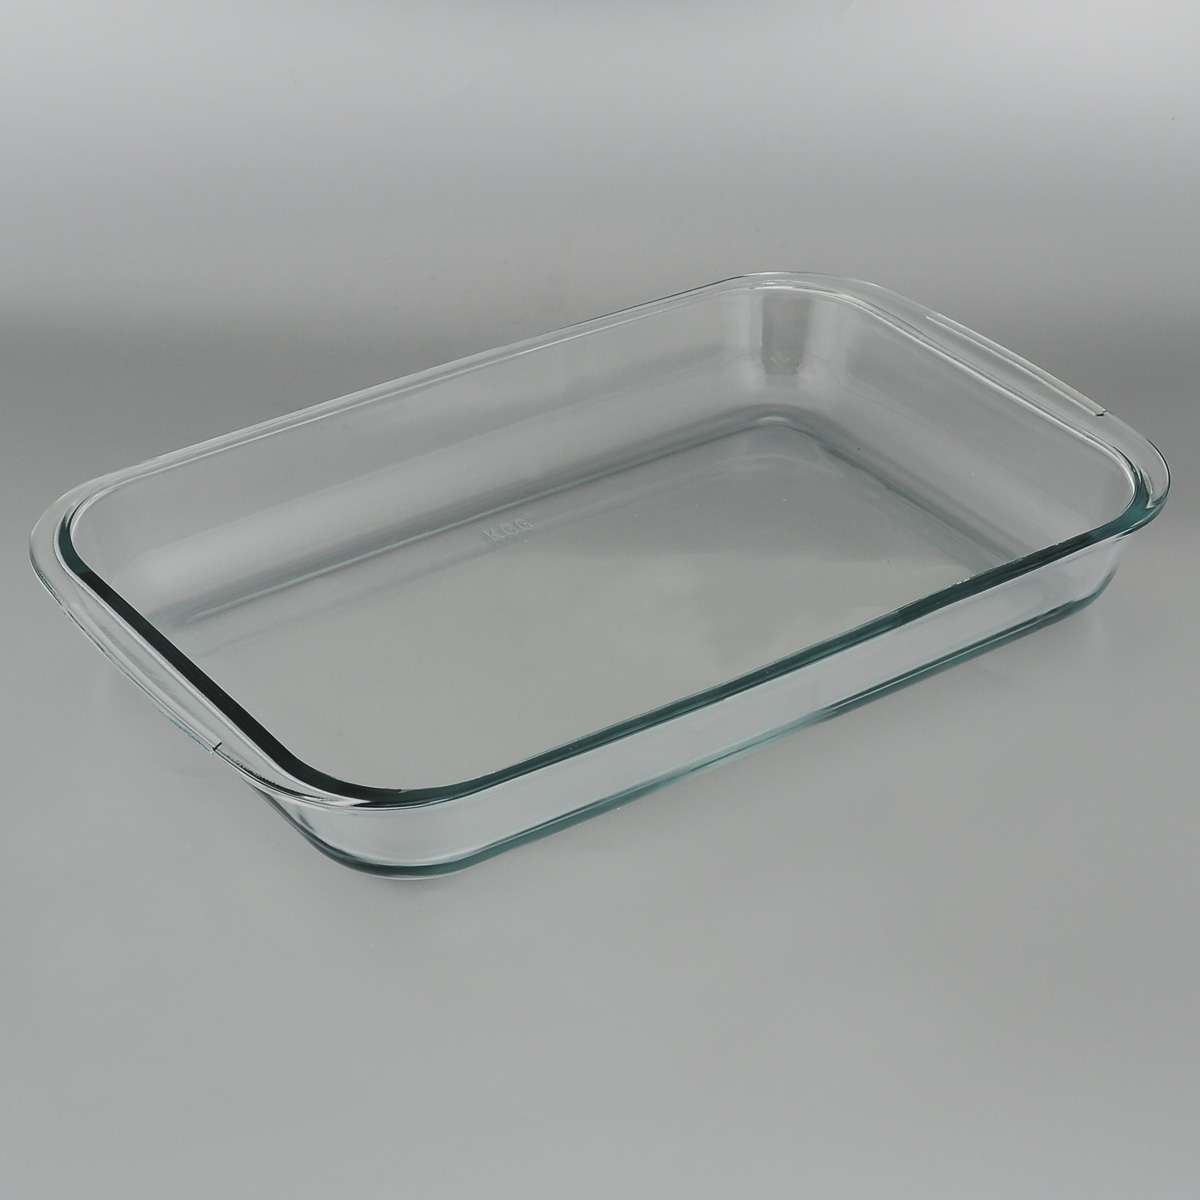 Форма для запекания Mijotex, прямоугольная, 39 см х 23 смPL4Прямоугольная форма для запекания Mijotex изготовлена из жаропрочного стекла, которое выдерживает температуру до +450°С. Форма предназначена для приготовления горячих блюд. Оснащена двумя ручками. Материал изделия гигиеничен, прост в уходе и обладает высокой степенью прочности. Форма идеально подходит для использования в духовках, микроволновых печах, холодильниках и морозильных камерах. Также ее можно использовать на газовых плитах (на слабом огне) и на электроплитах. Можно мыть в посудомоечной машине.Внутренний размер формы: 35 см х 23 см.Внешний размер формы (с учетом ручек): 39 см х 23 см. Высота стенки формы: 5 см.